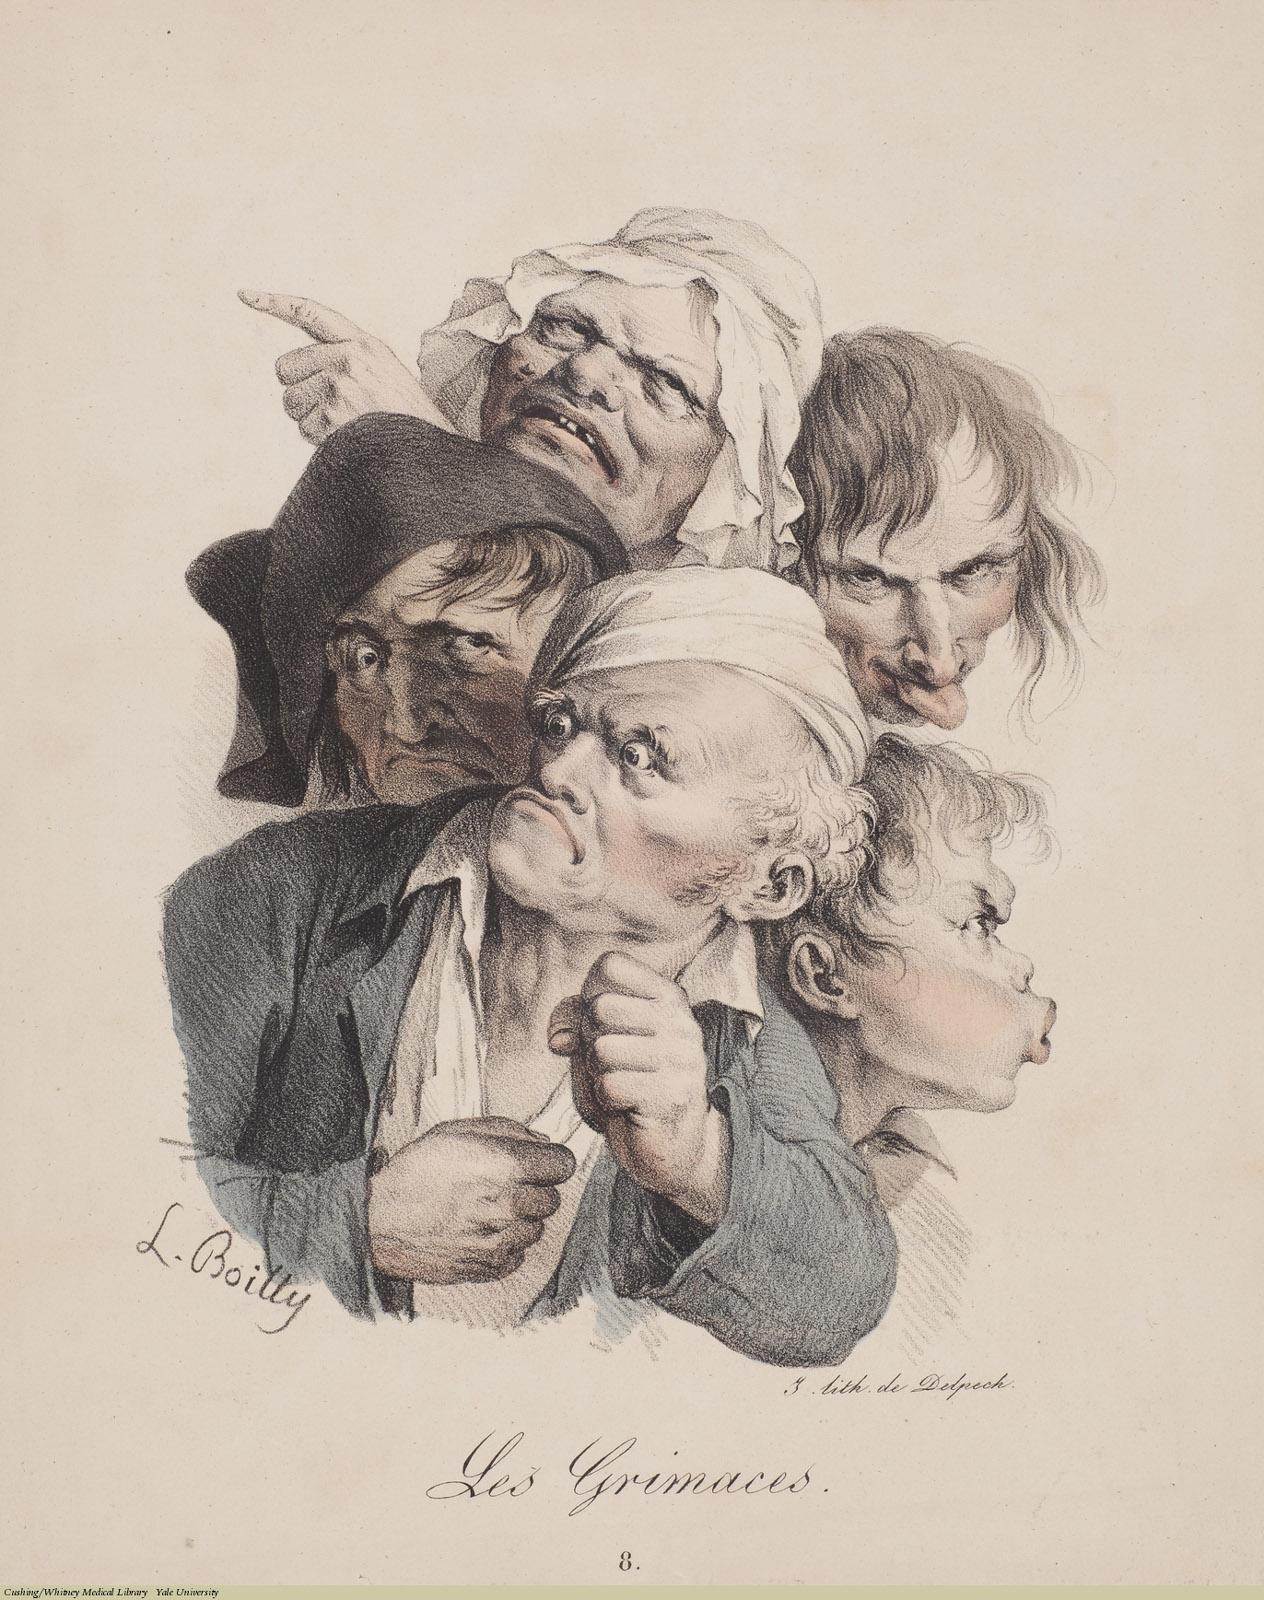 Les Grimaces 8, Louis-Léopold Boilly, Lithograph, 1823.